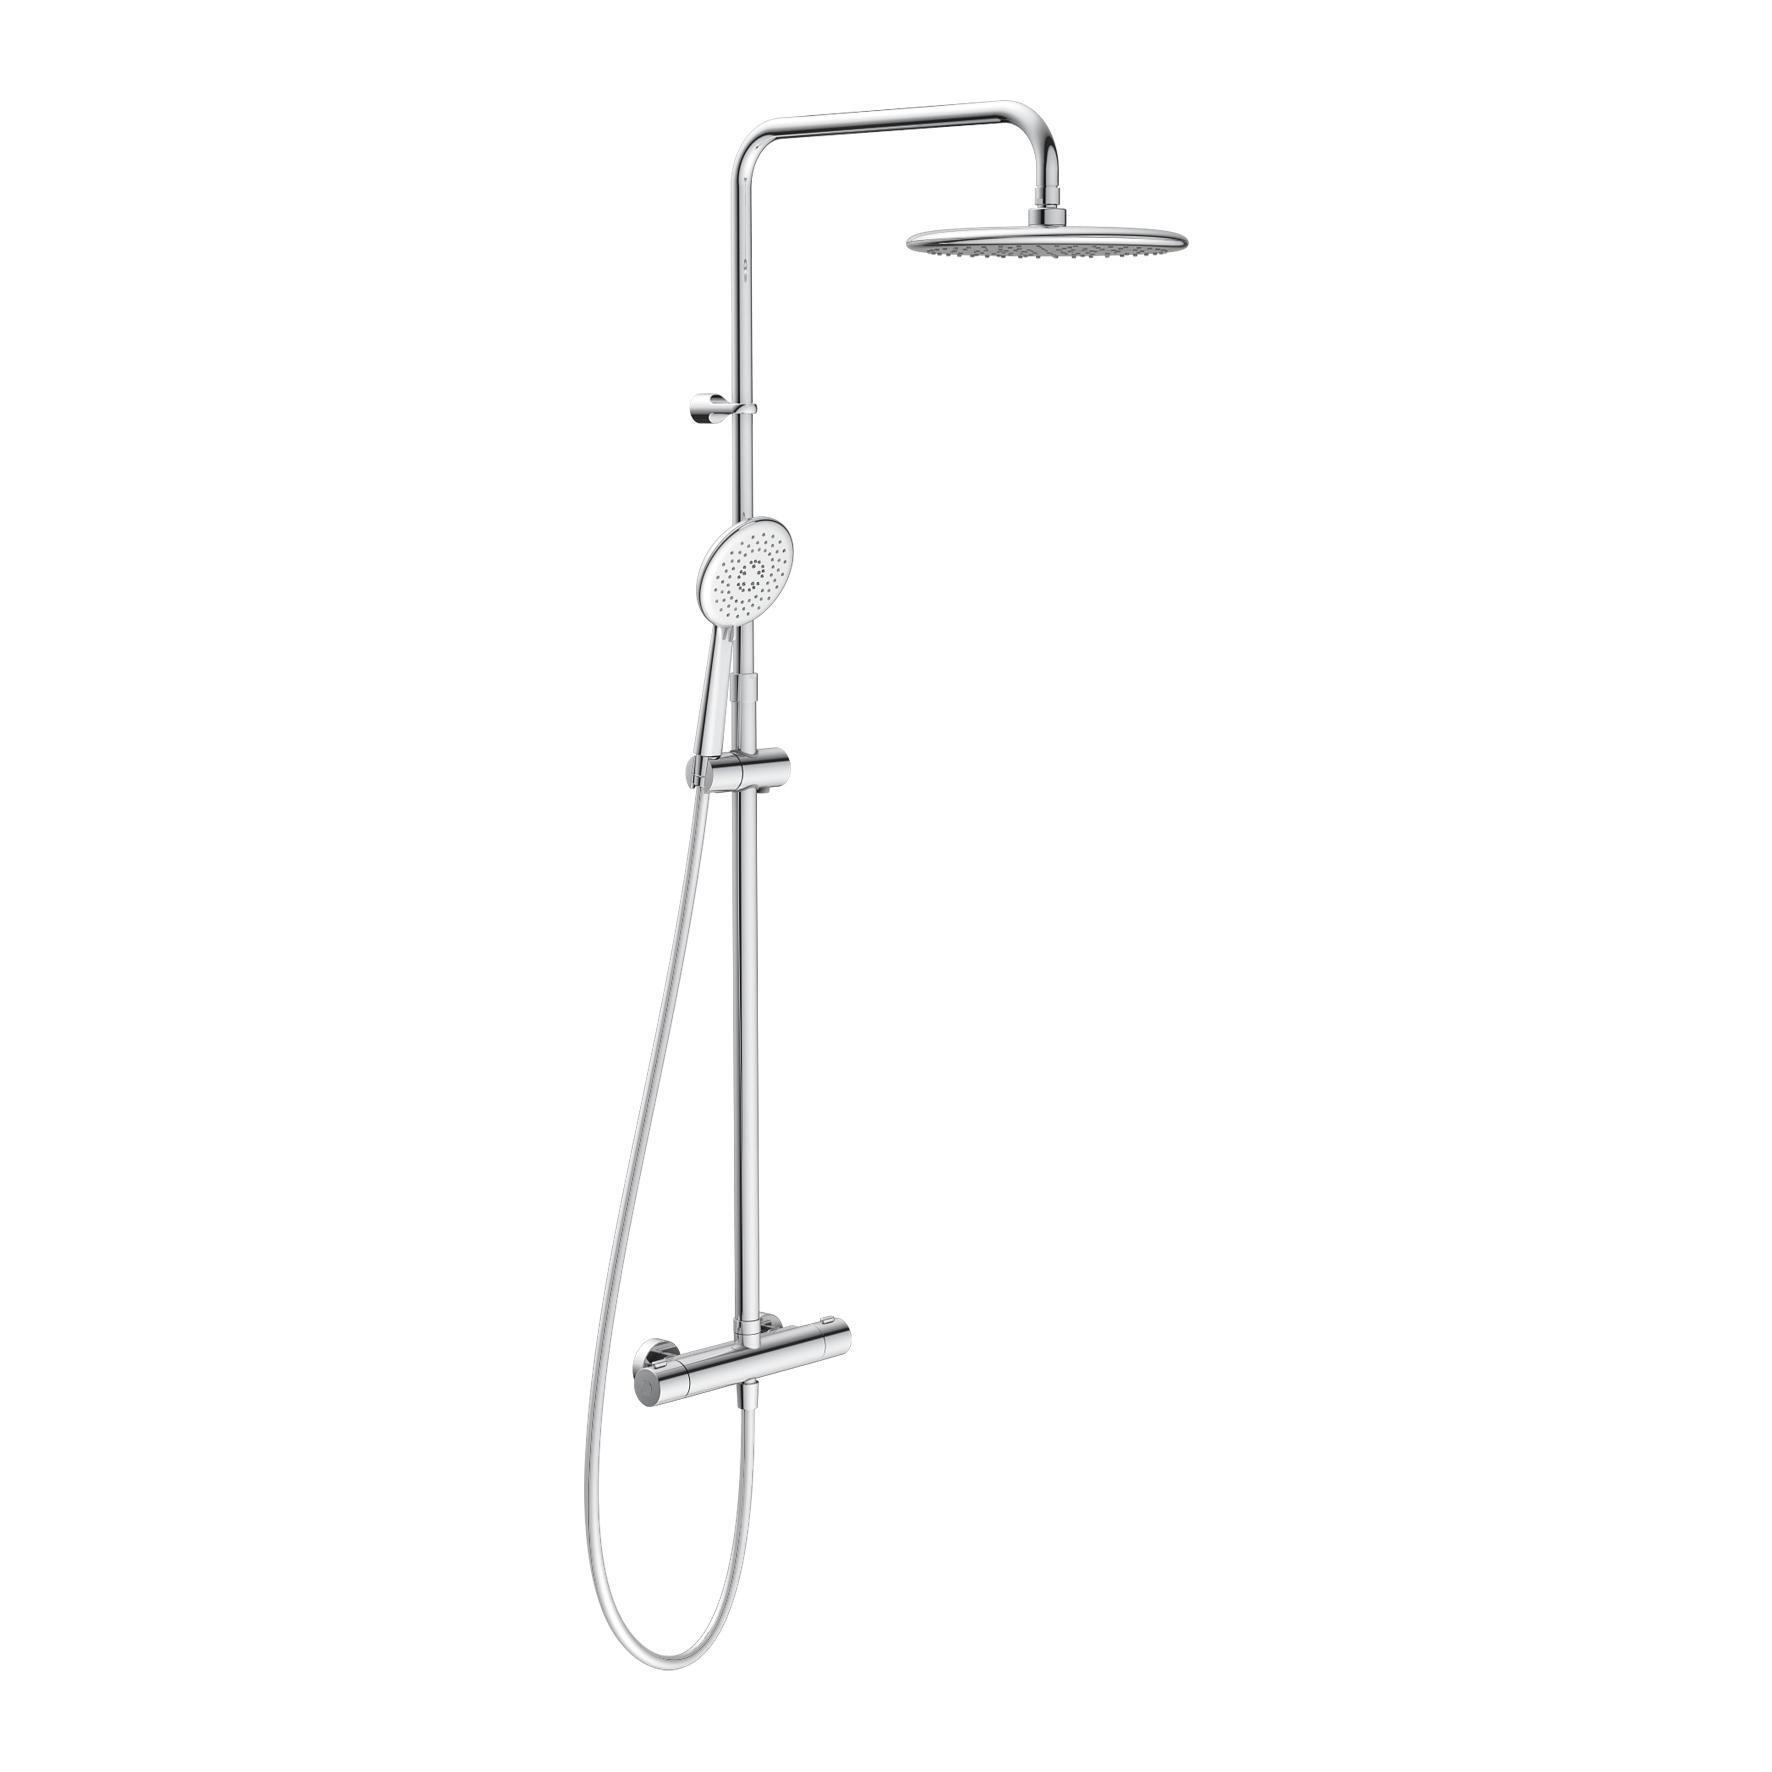 Colonna doccia Redondo Termostatica - 1